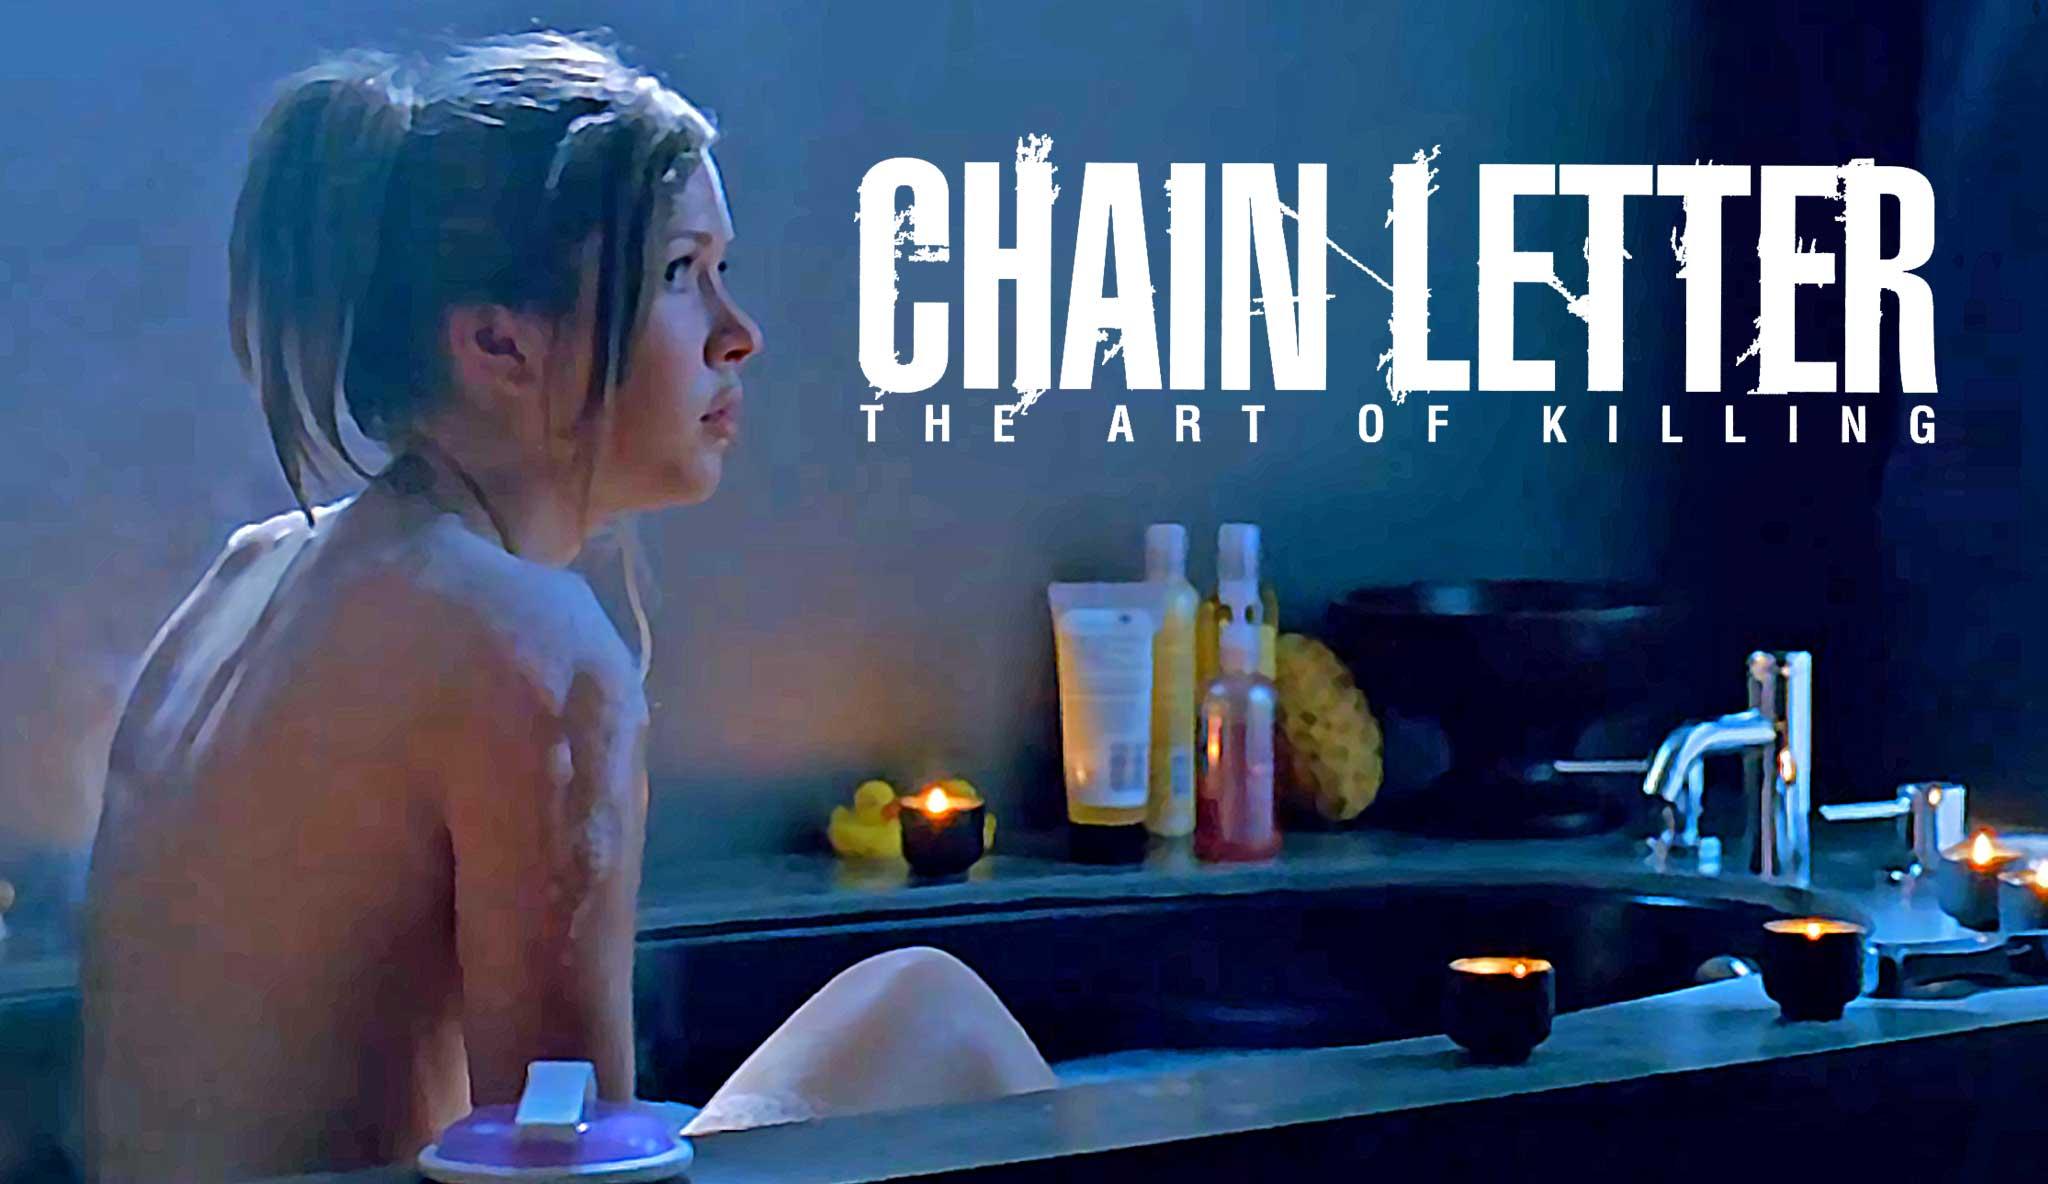 chain-letter-the-art-of-killing\header.jpg